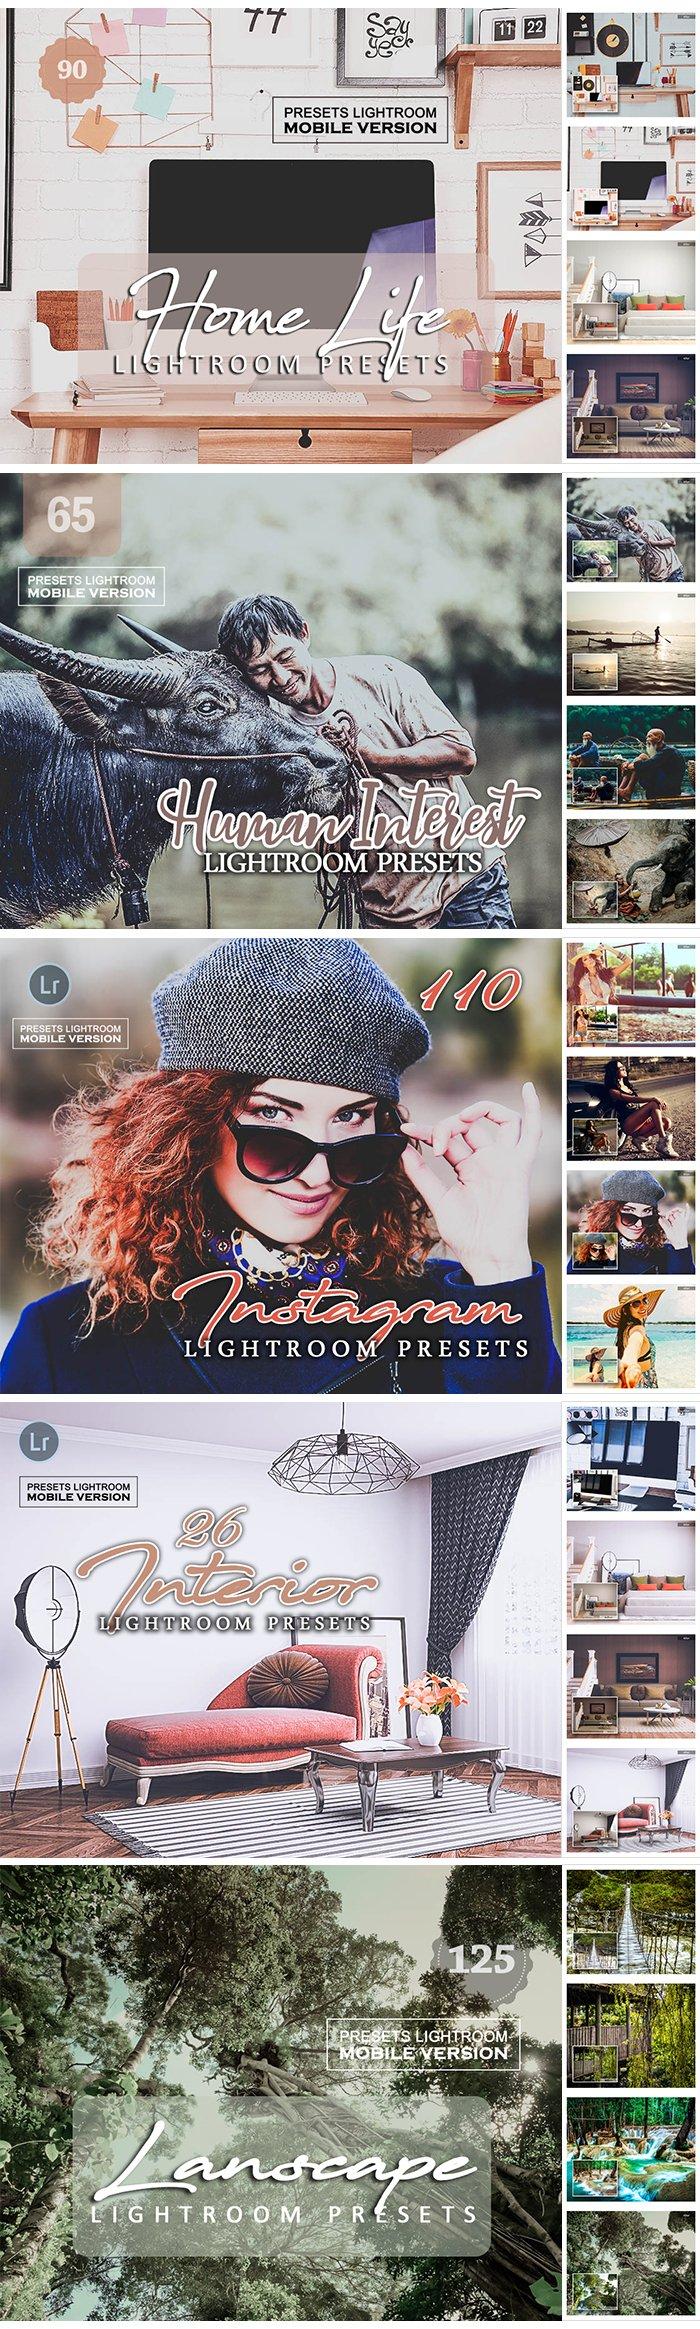 20,000+ Mega bundle Mobile and Desktop Lightroom Presets - 21